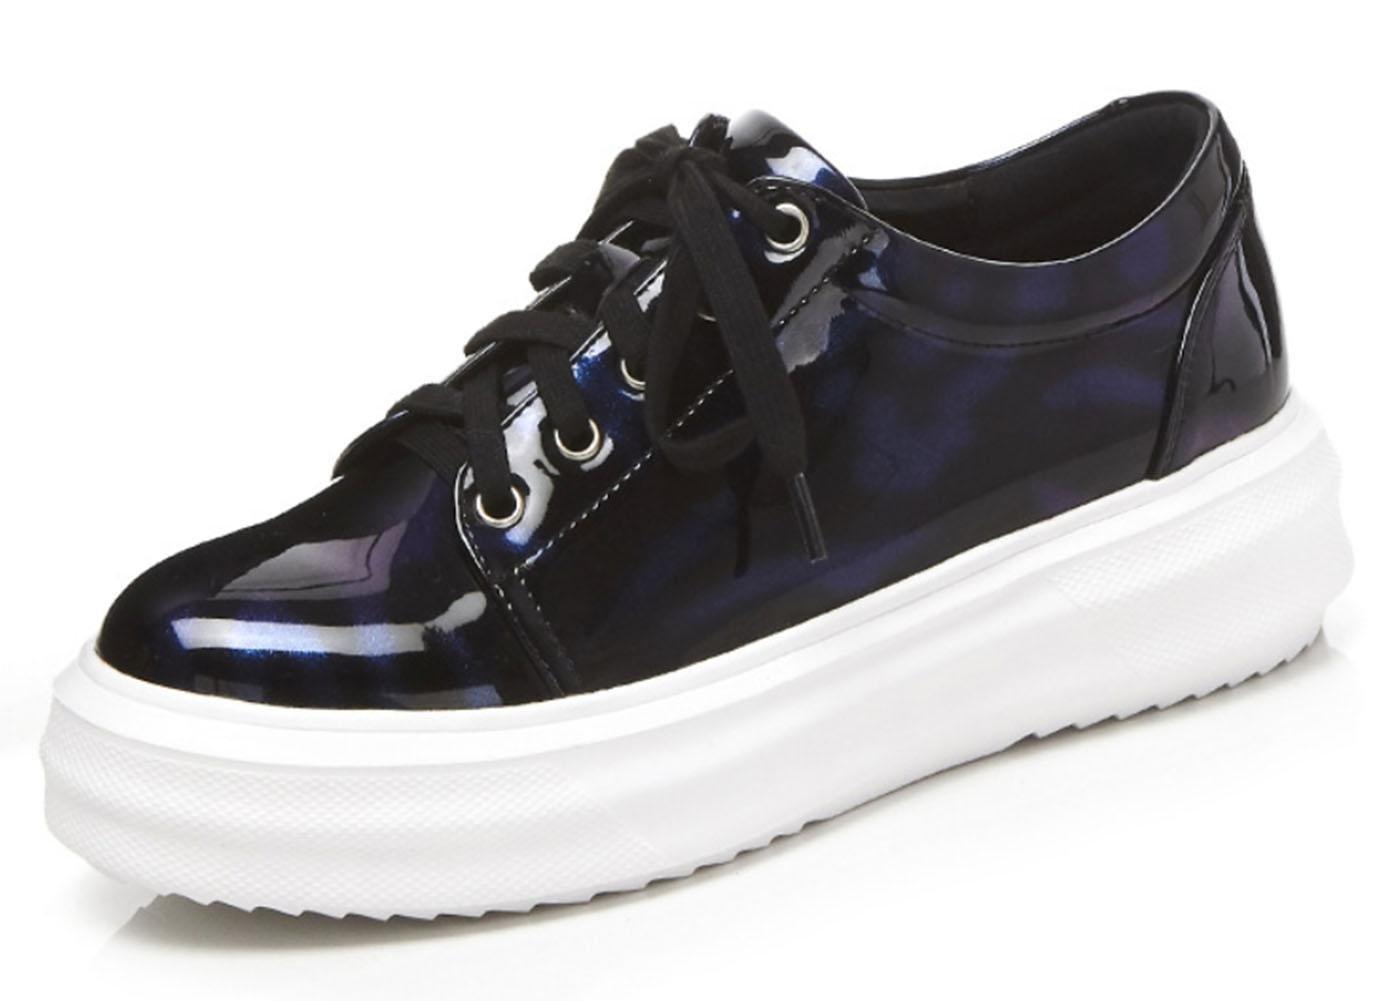 Mei Otoño señoras calzado deportivo luz Casual zapatos zapatos de gran tamaño atado con gruesas sandalias, US6 / EU36 / UK4 / CN36 US6 / EU36 / UK4 / CN36